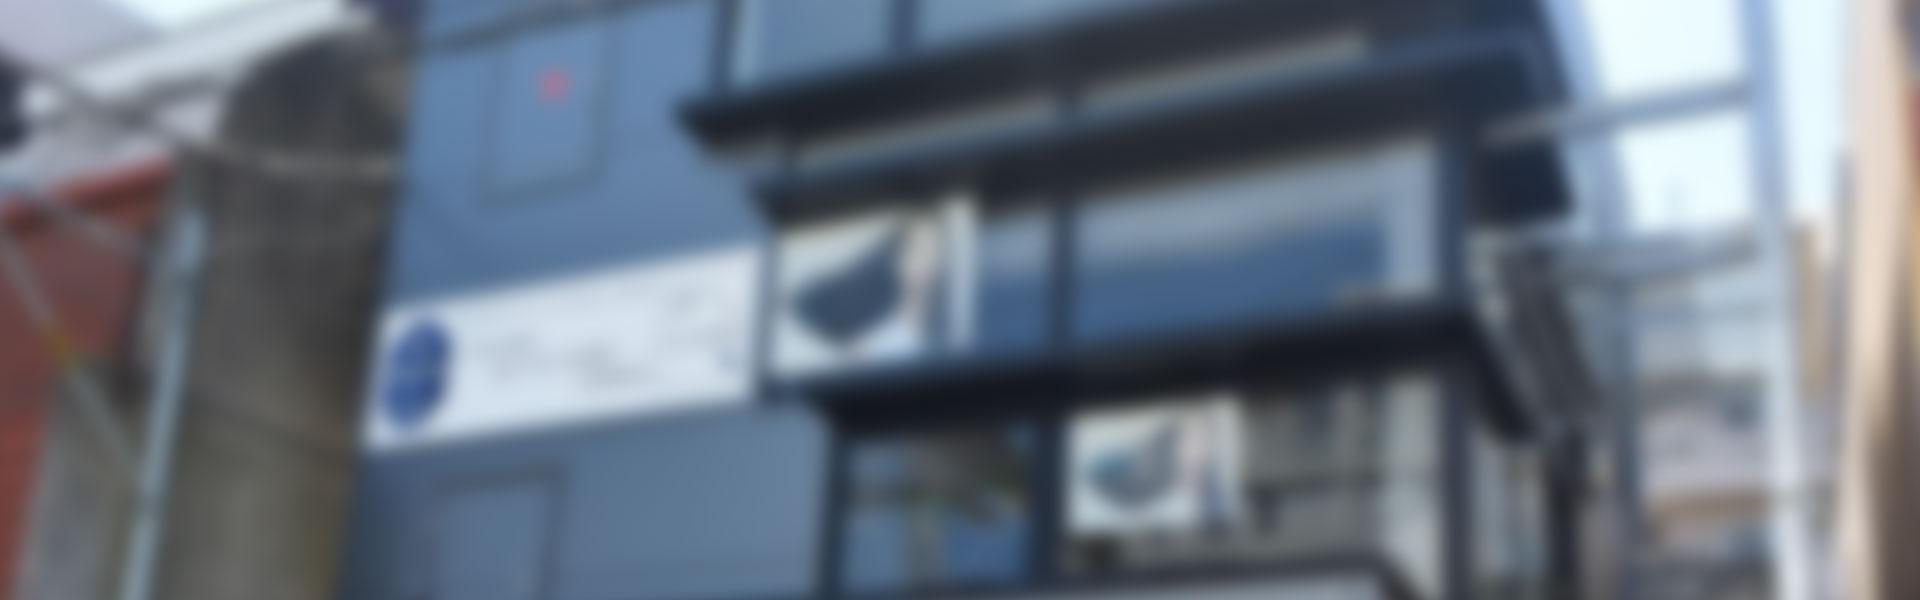 鶴間の美容院ハルワ ブログトップヘッダー